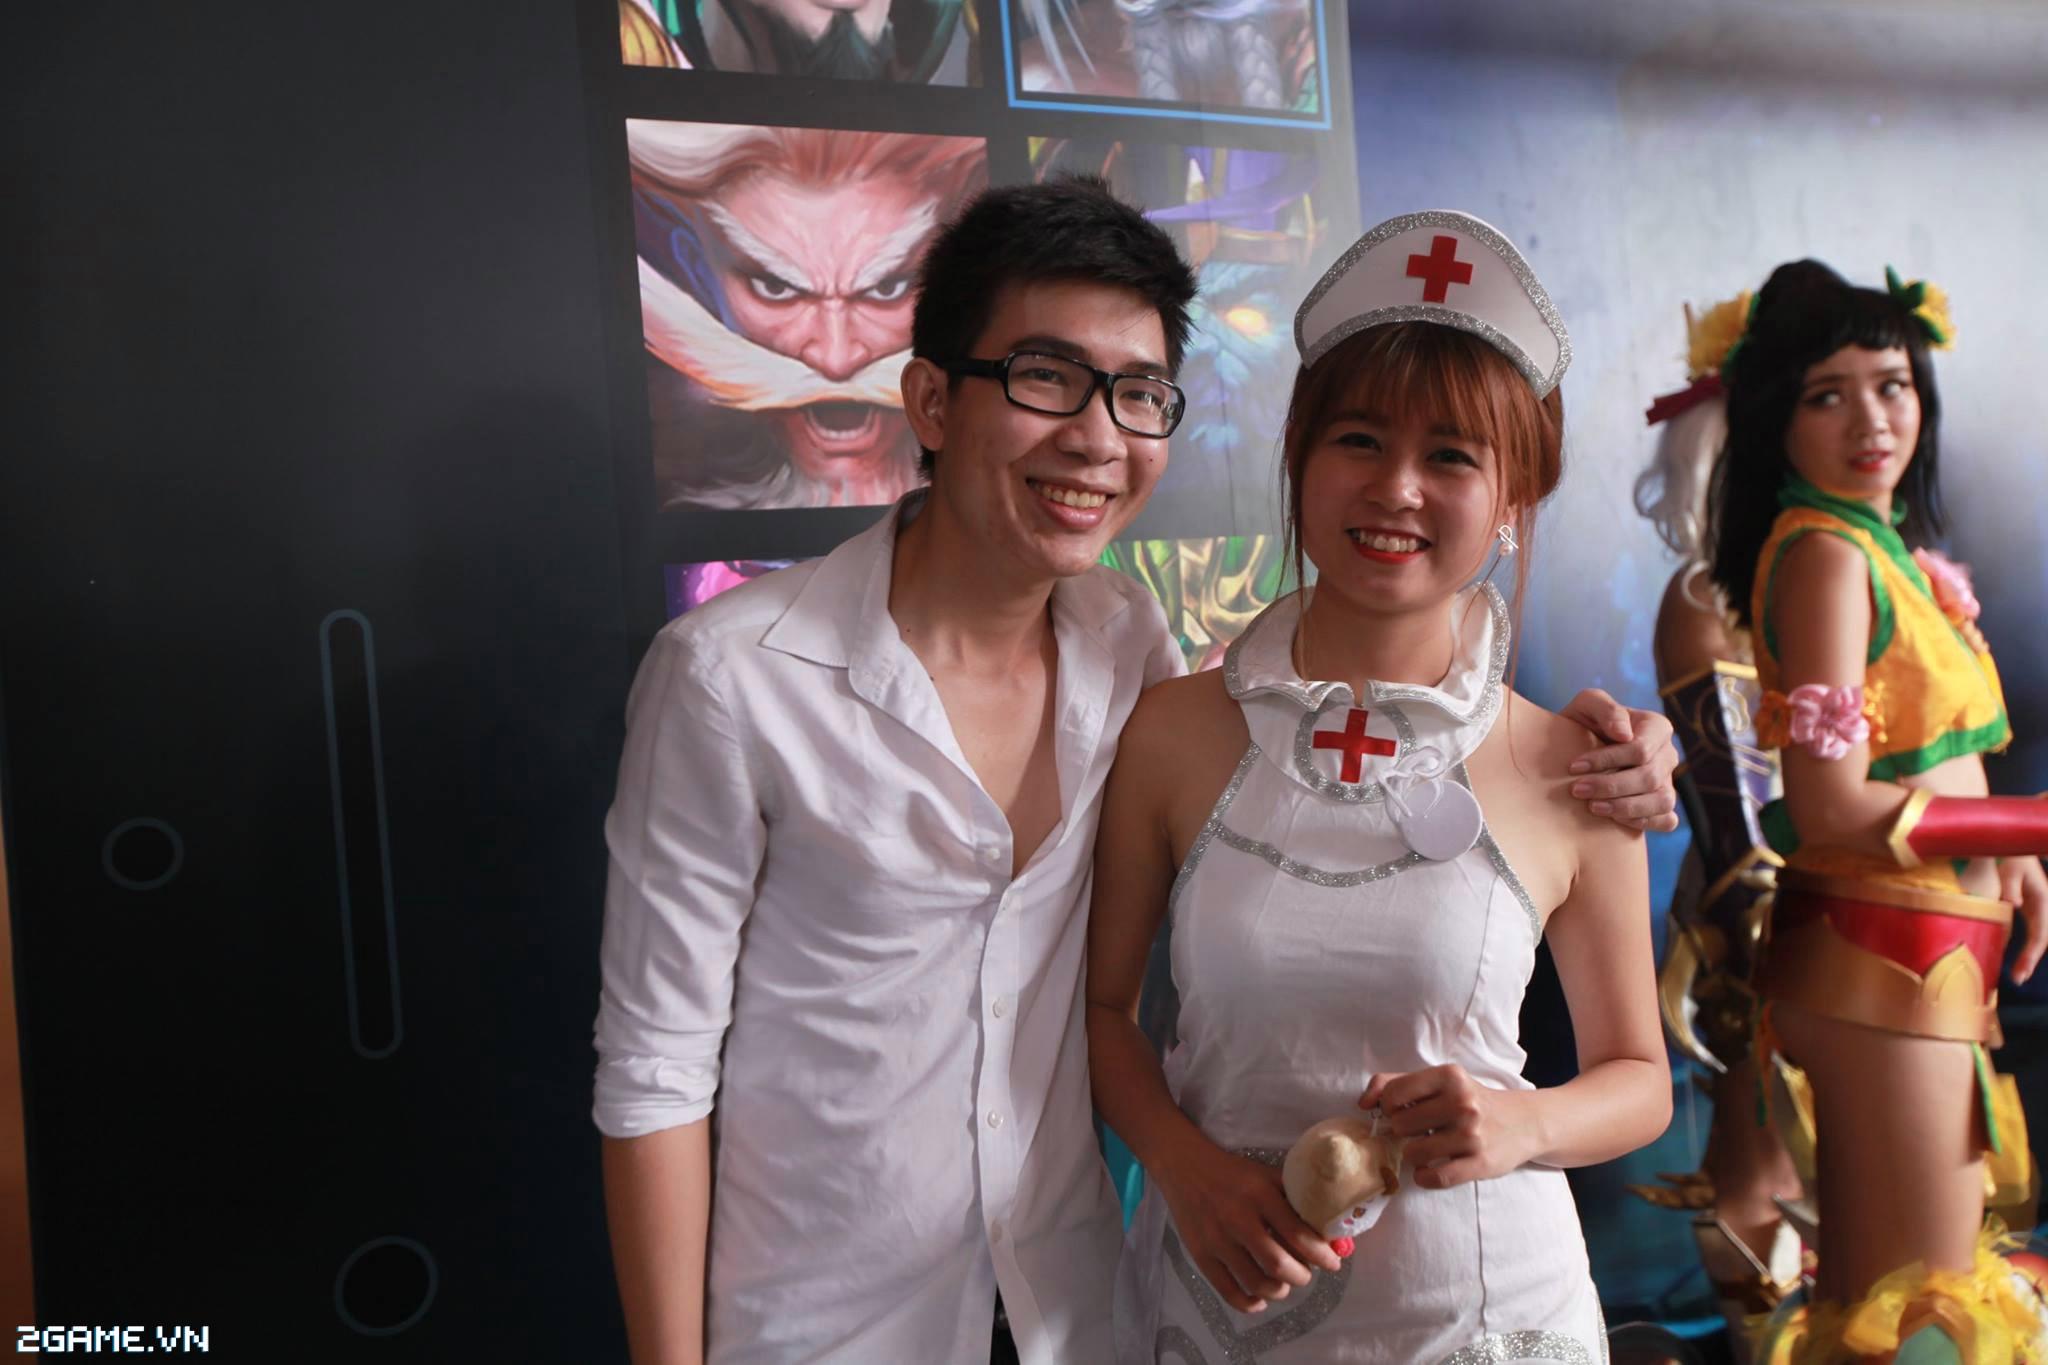 Điểm mặt các cosplay game xuất hiện tại Đại Hội 360mobi 2016 5